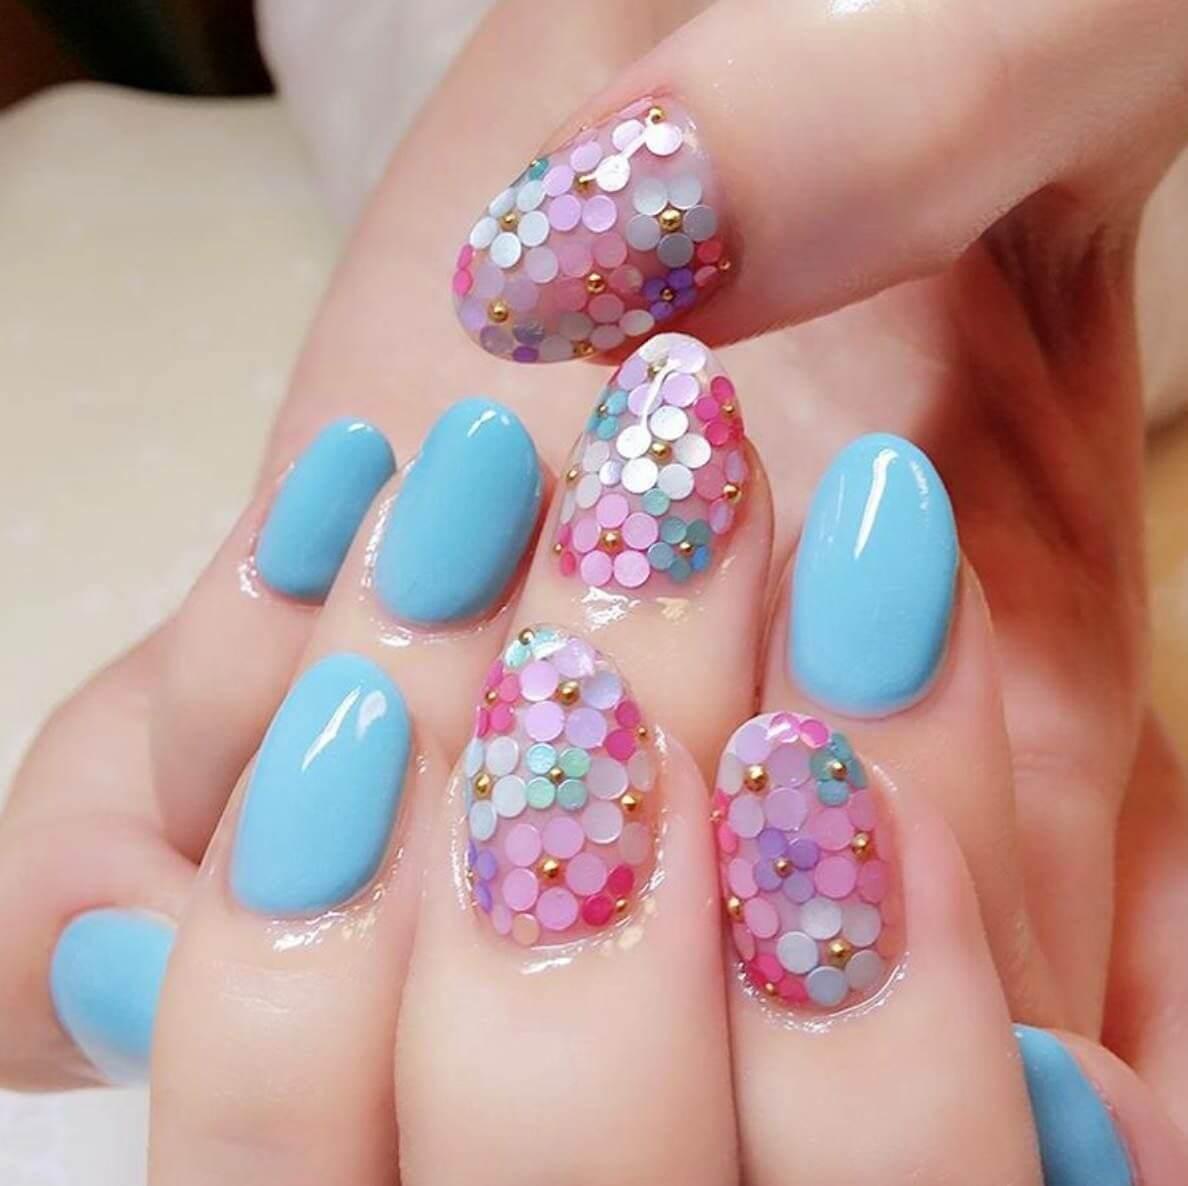 decoracion de uñas celeste con flores